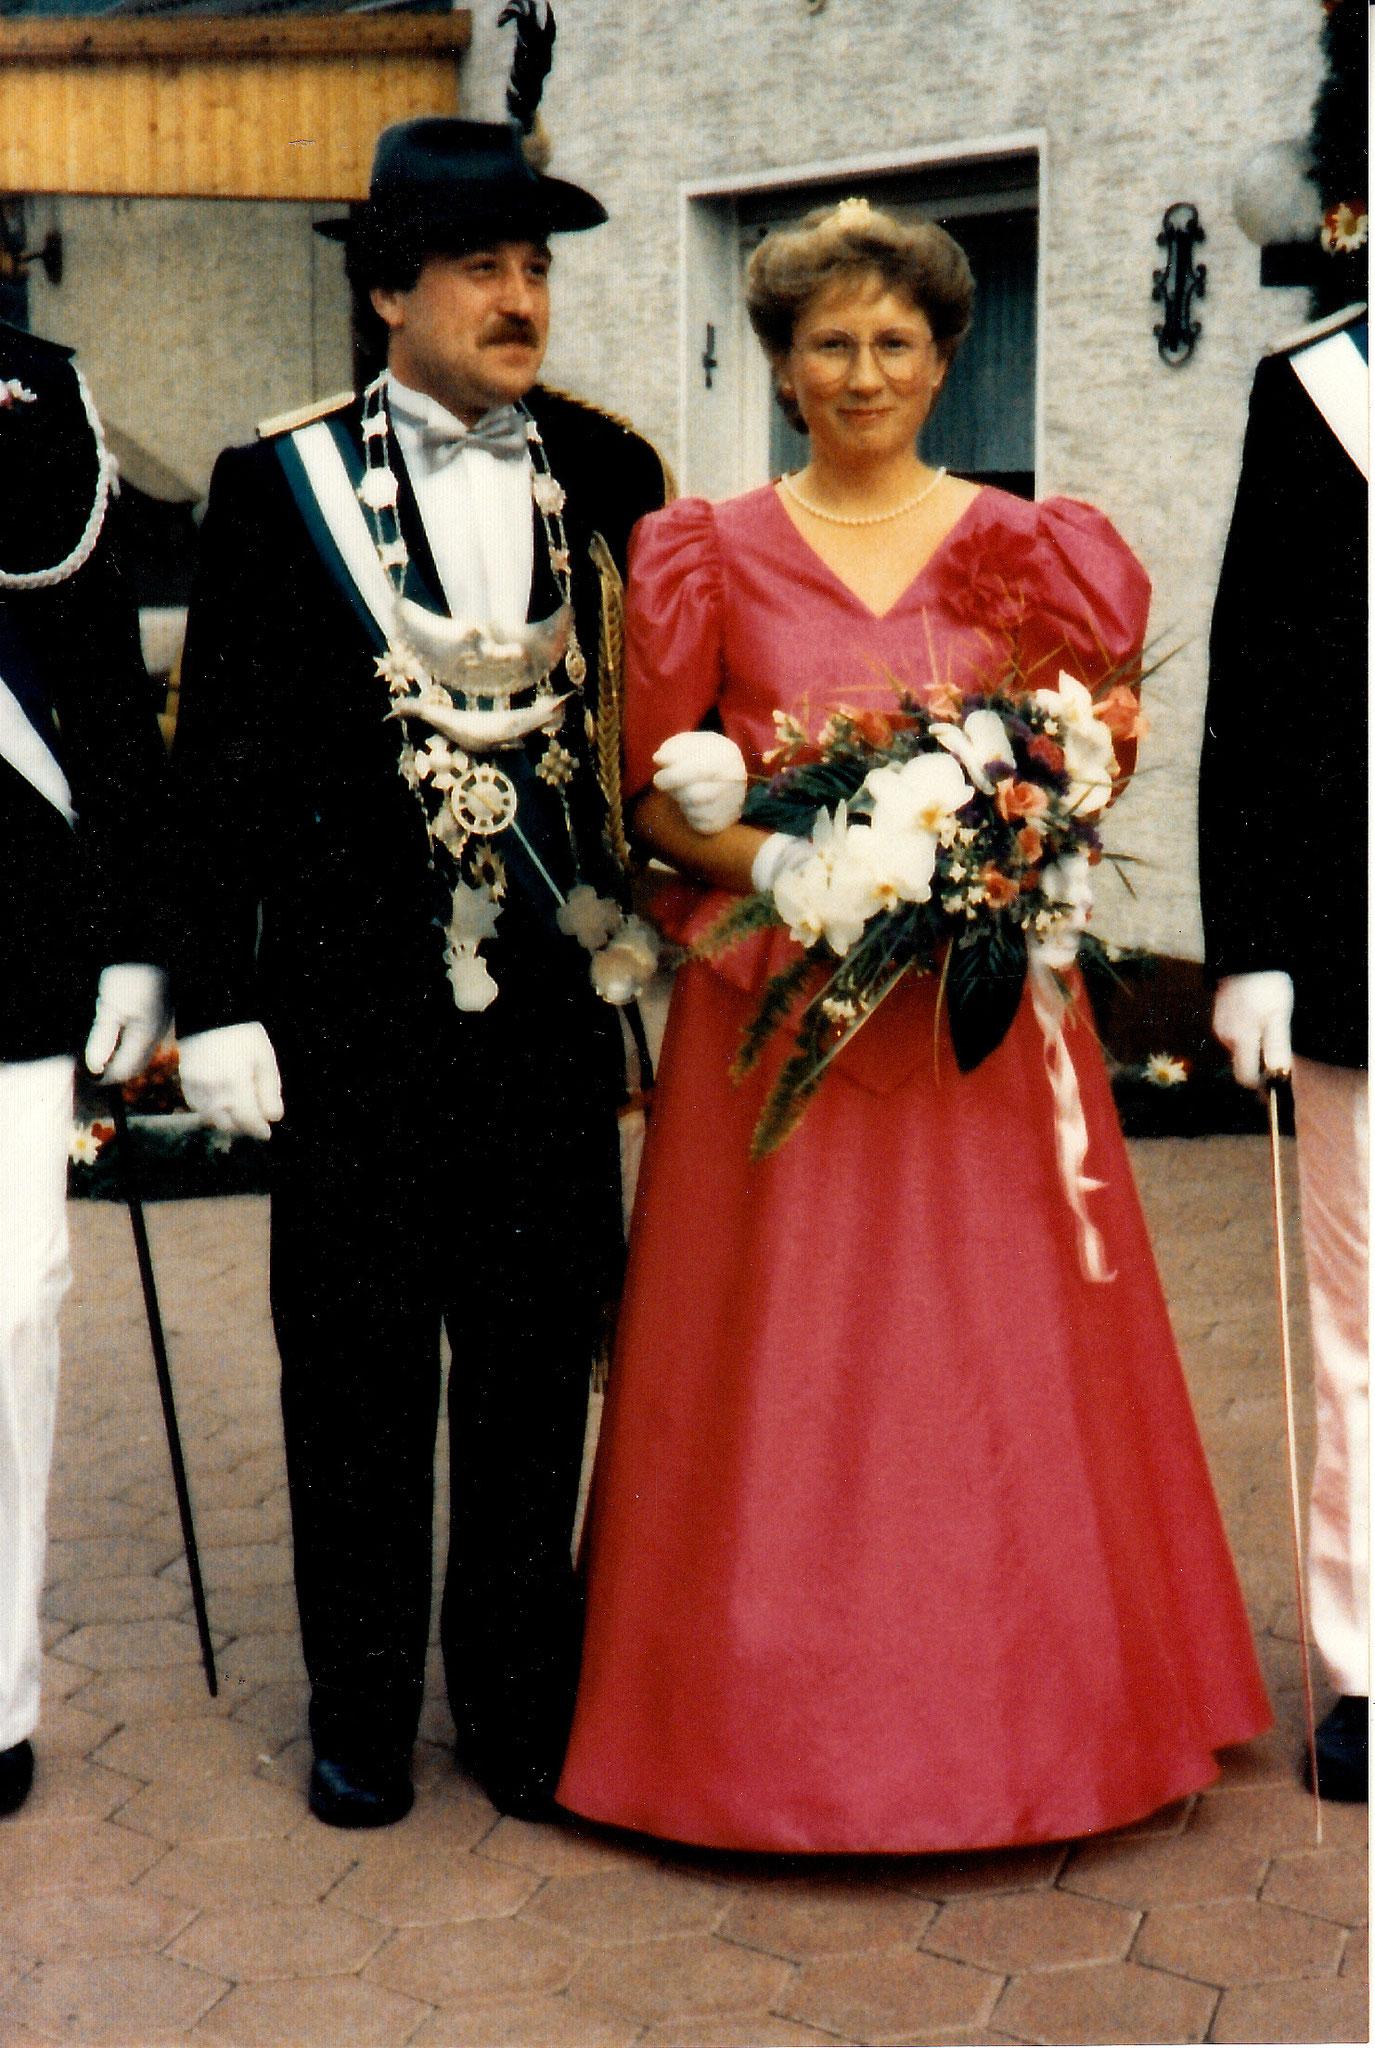 1986 Burkhard Rose & Marilis Sauermann